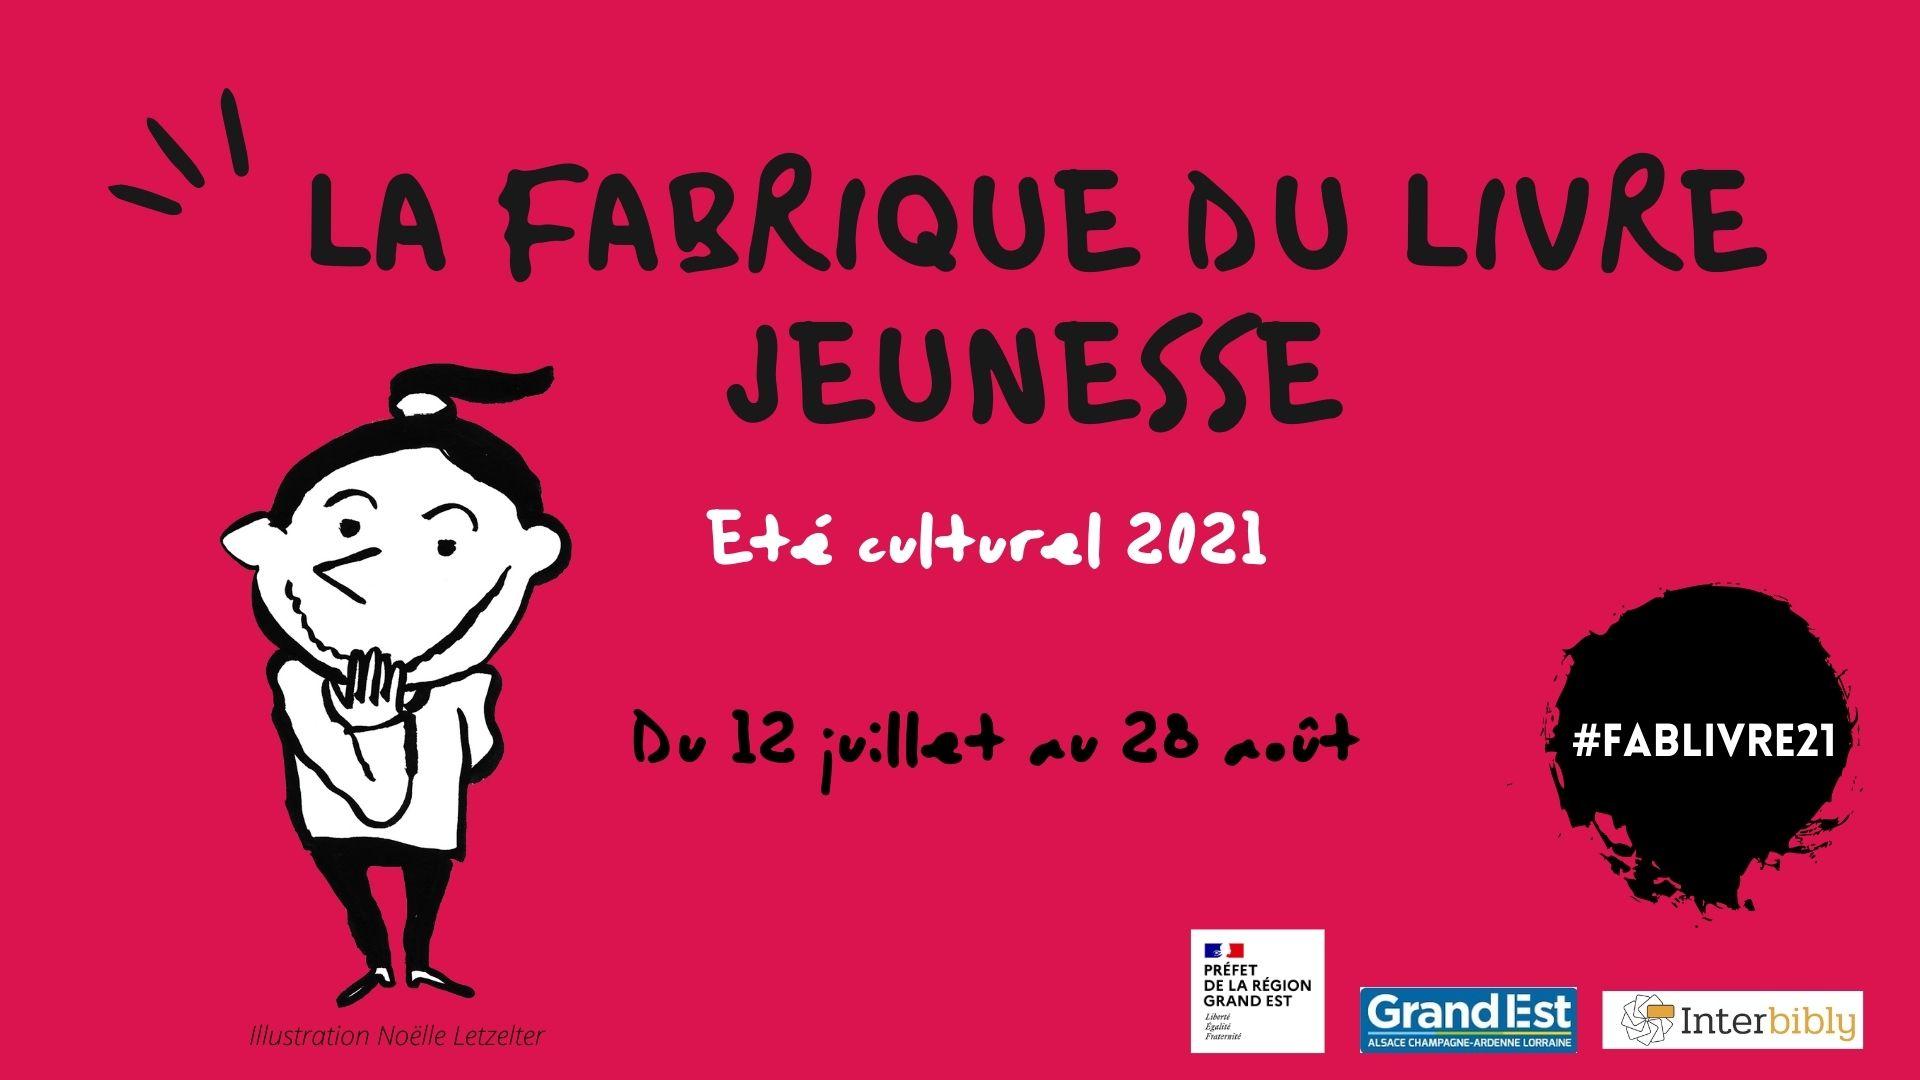 Eté culturel 2021_La fabrique du livre jeunesse : le pré-programme est en ligne !